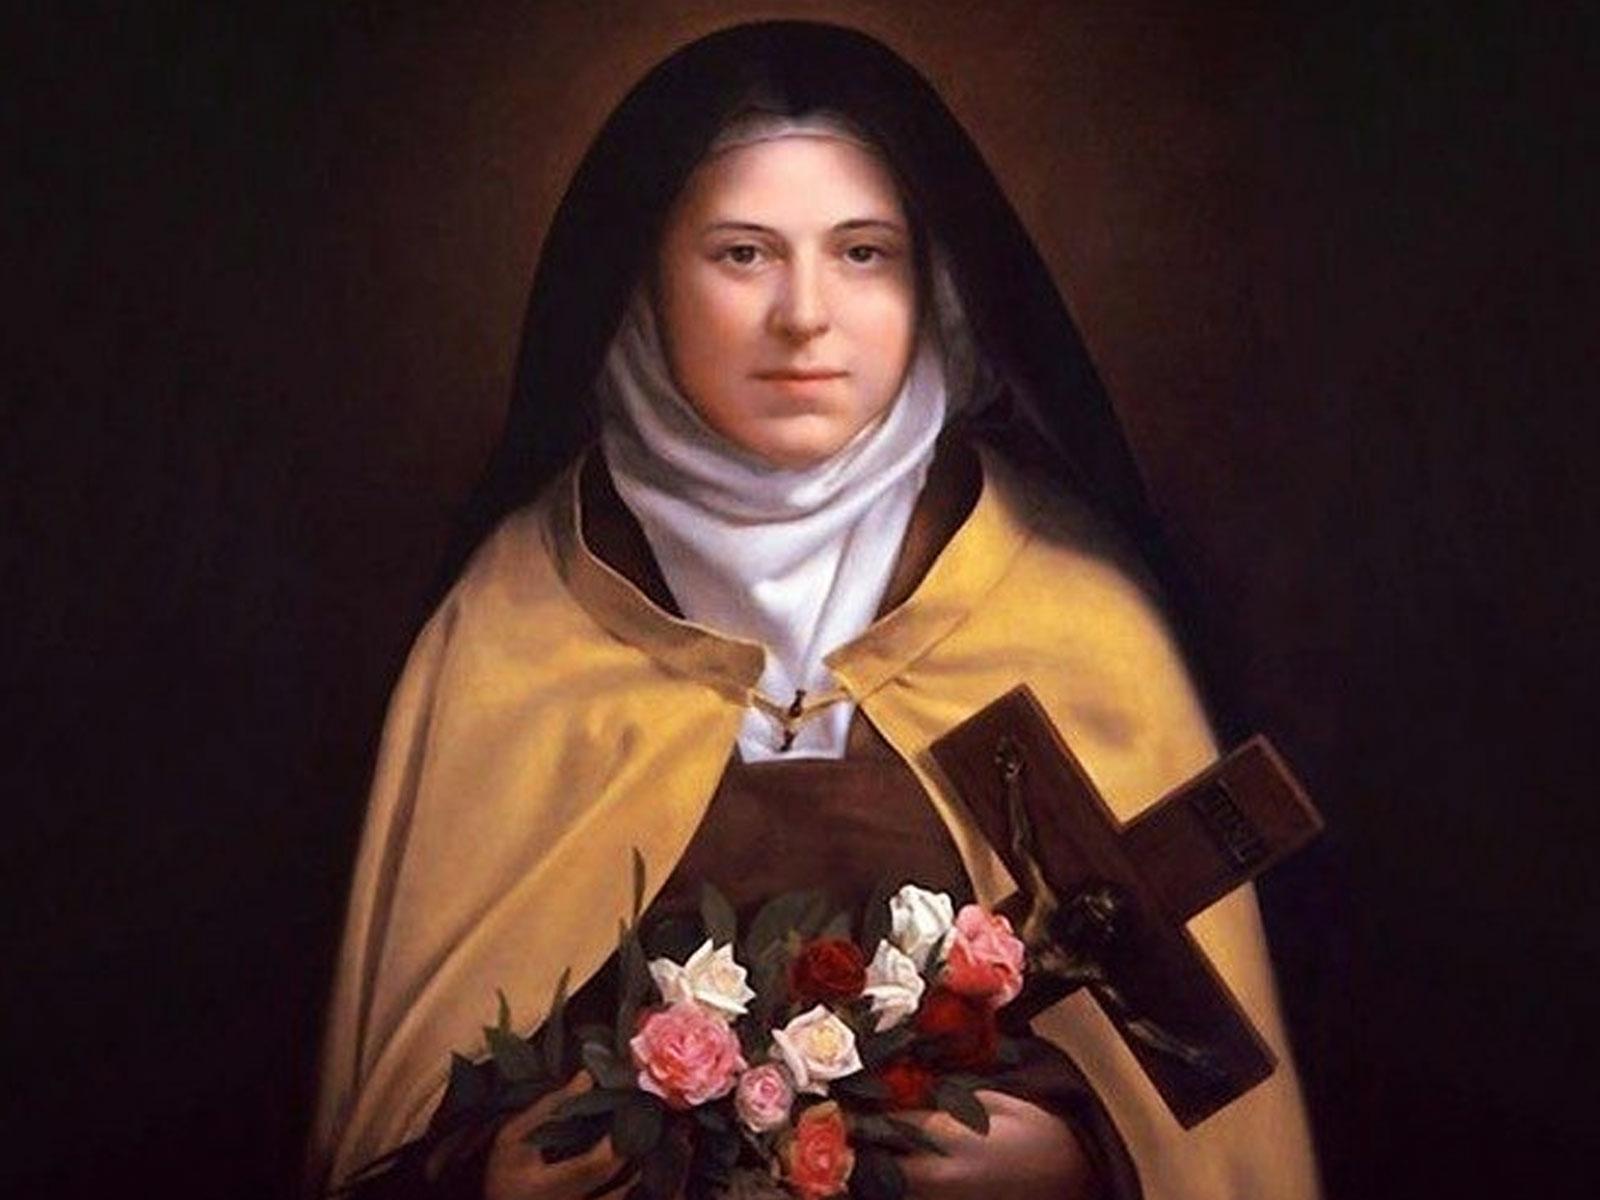 Aprendendo-a-ser-missionário-com-Santa-Teresinha